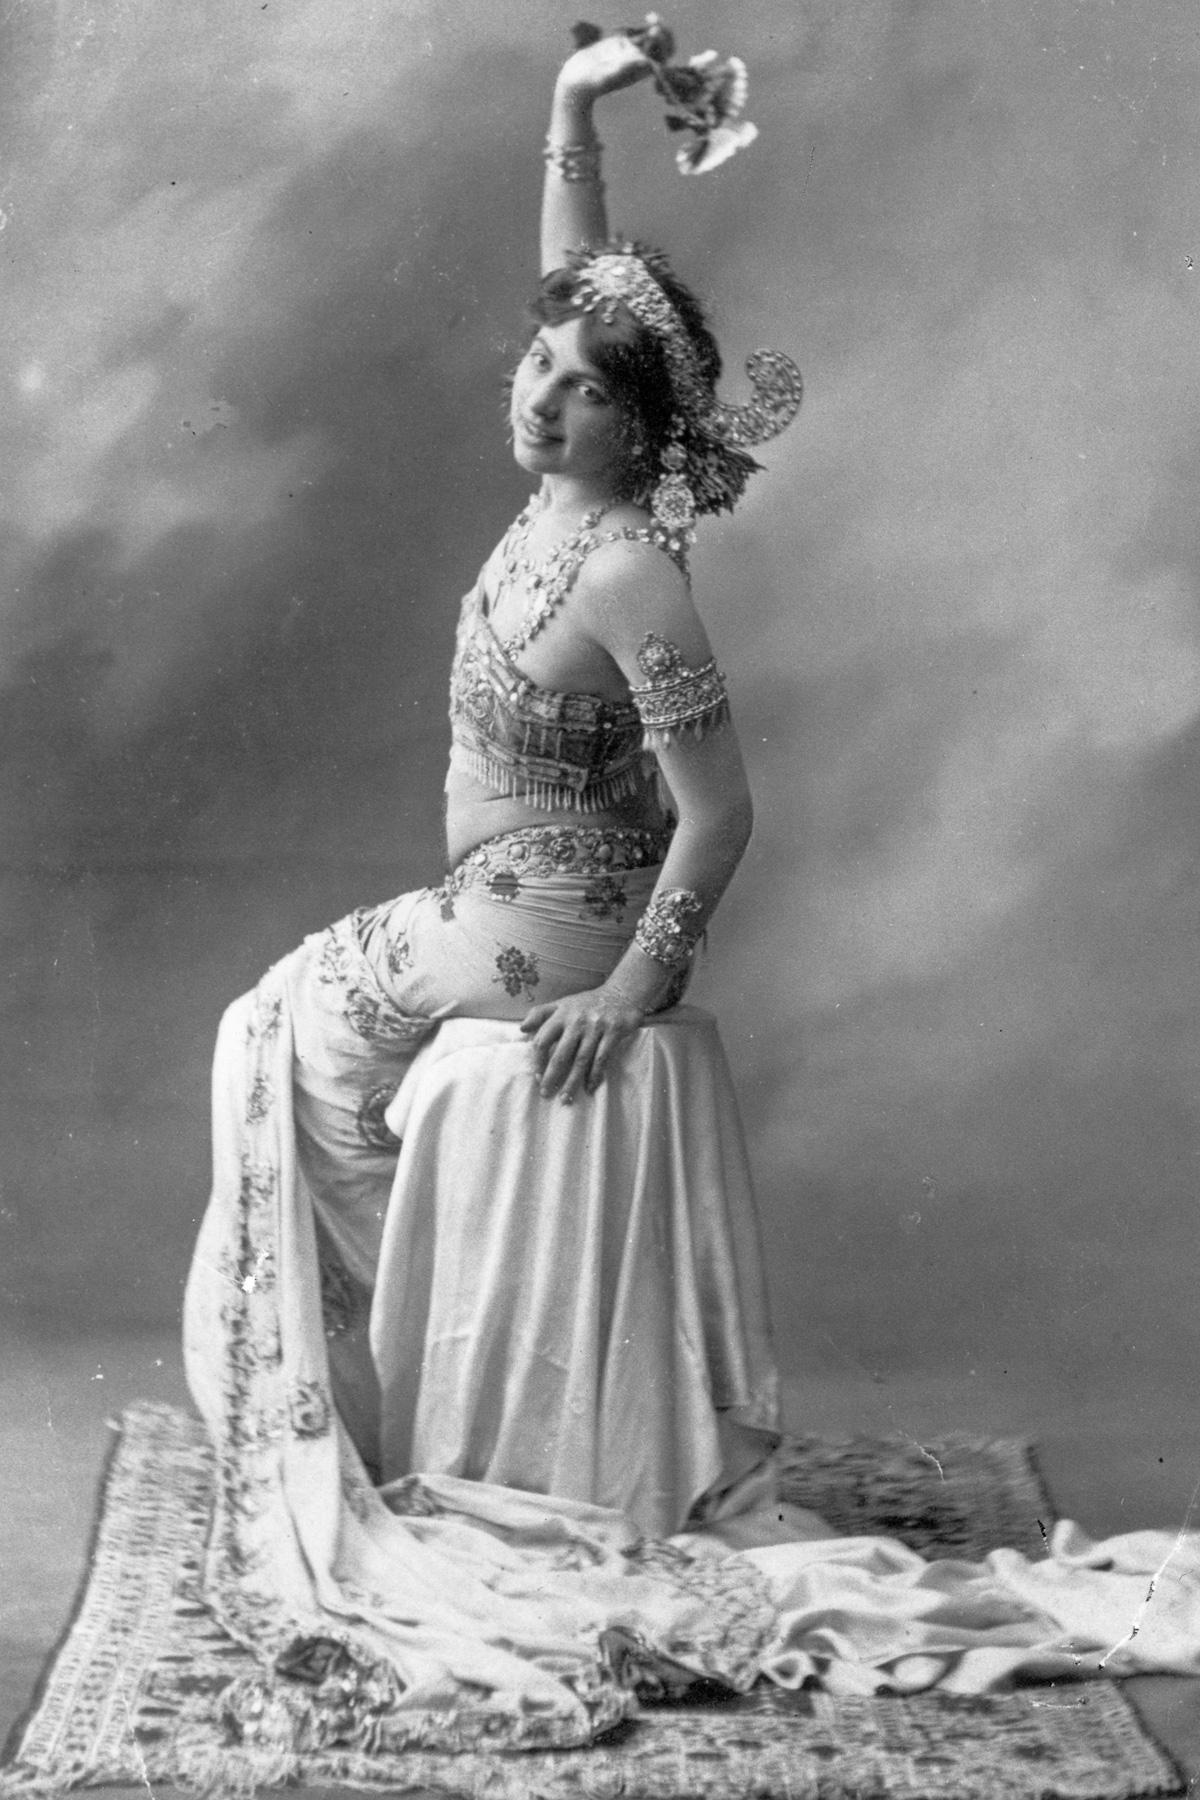 Мата Хари: история танцовщицы, куртизанки и шпионки (1905-1917) - 10